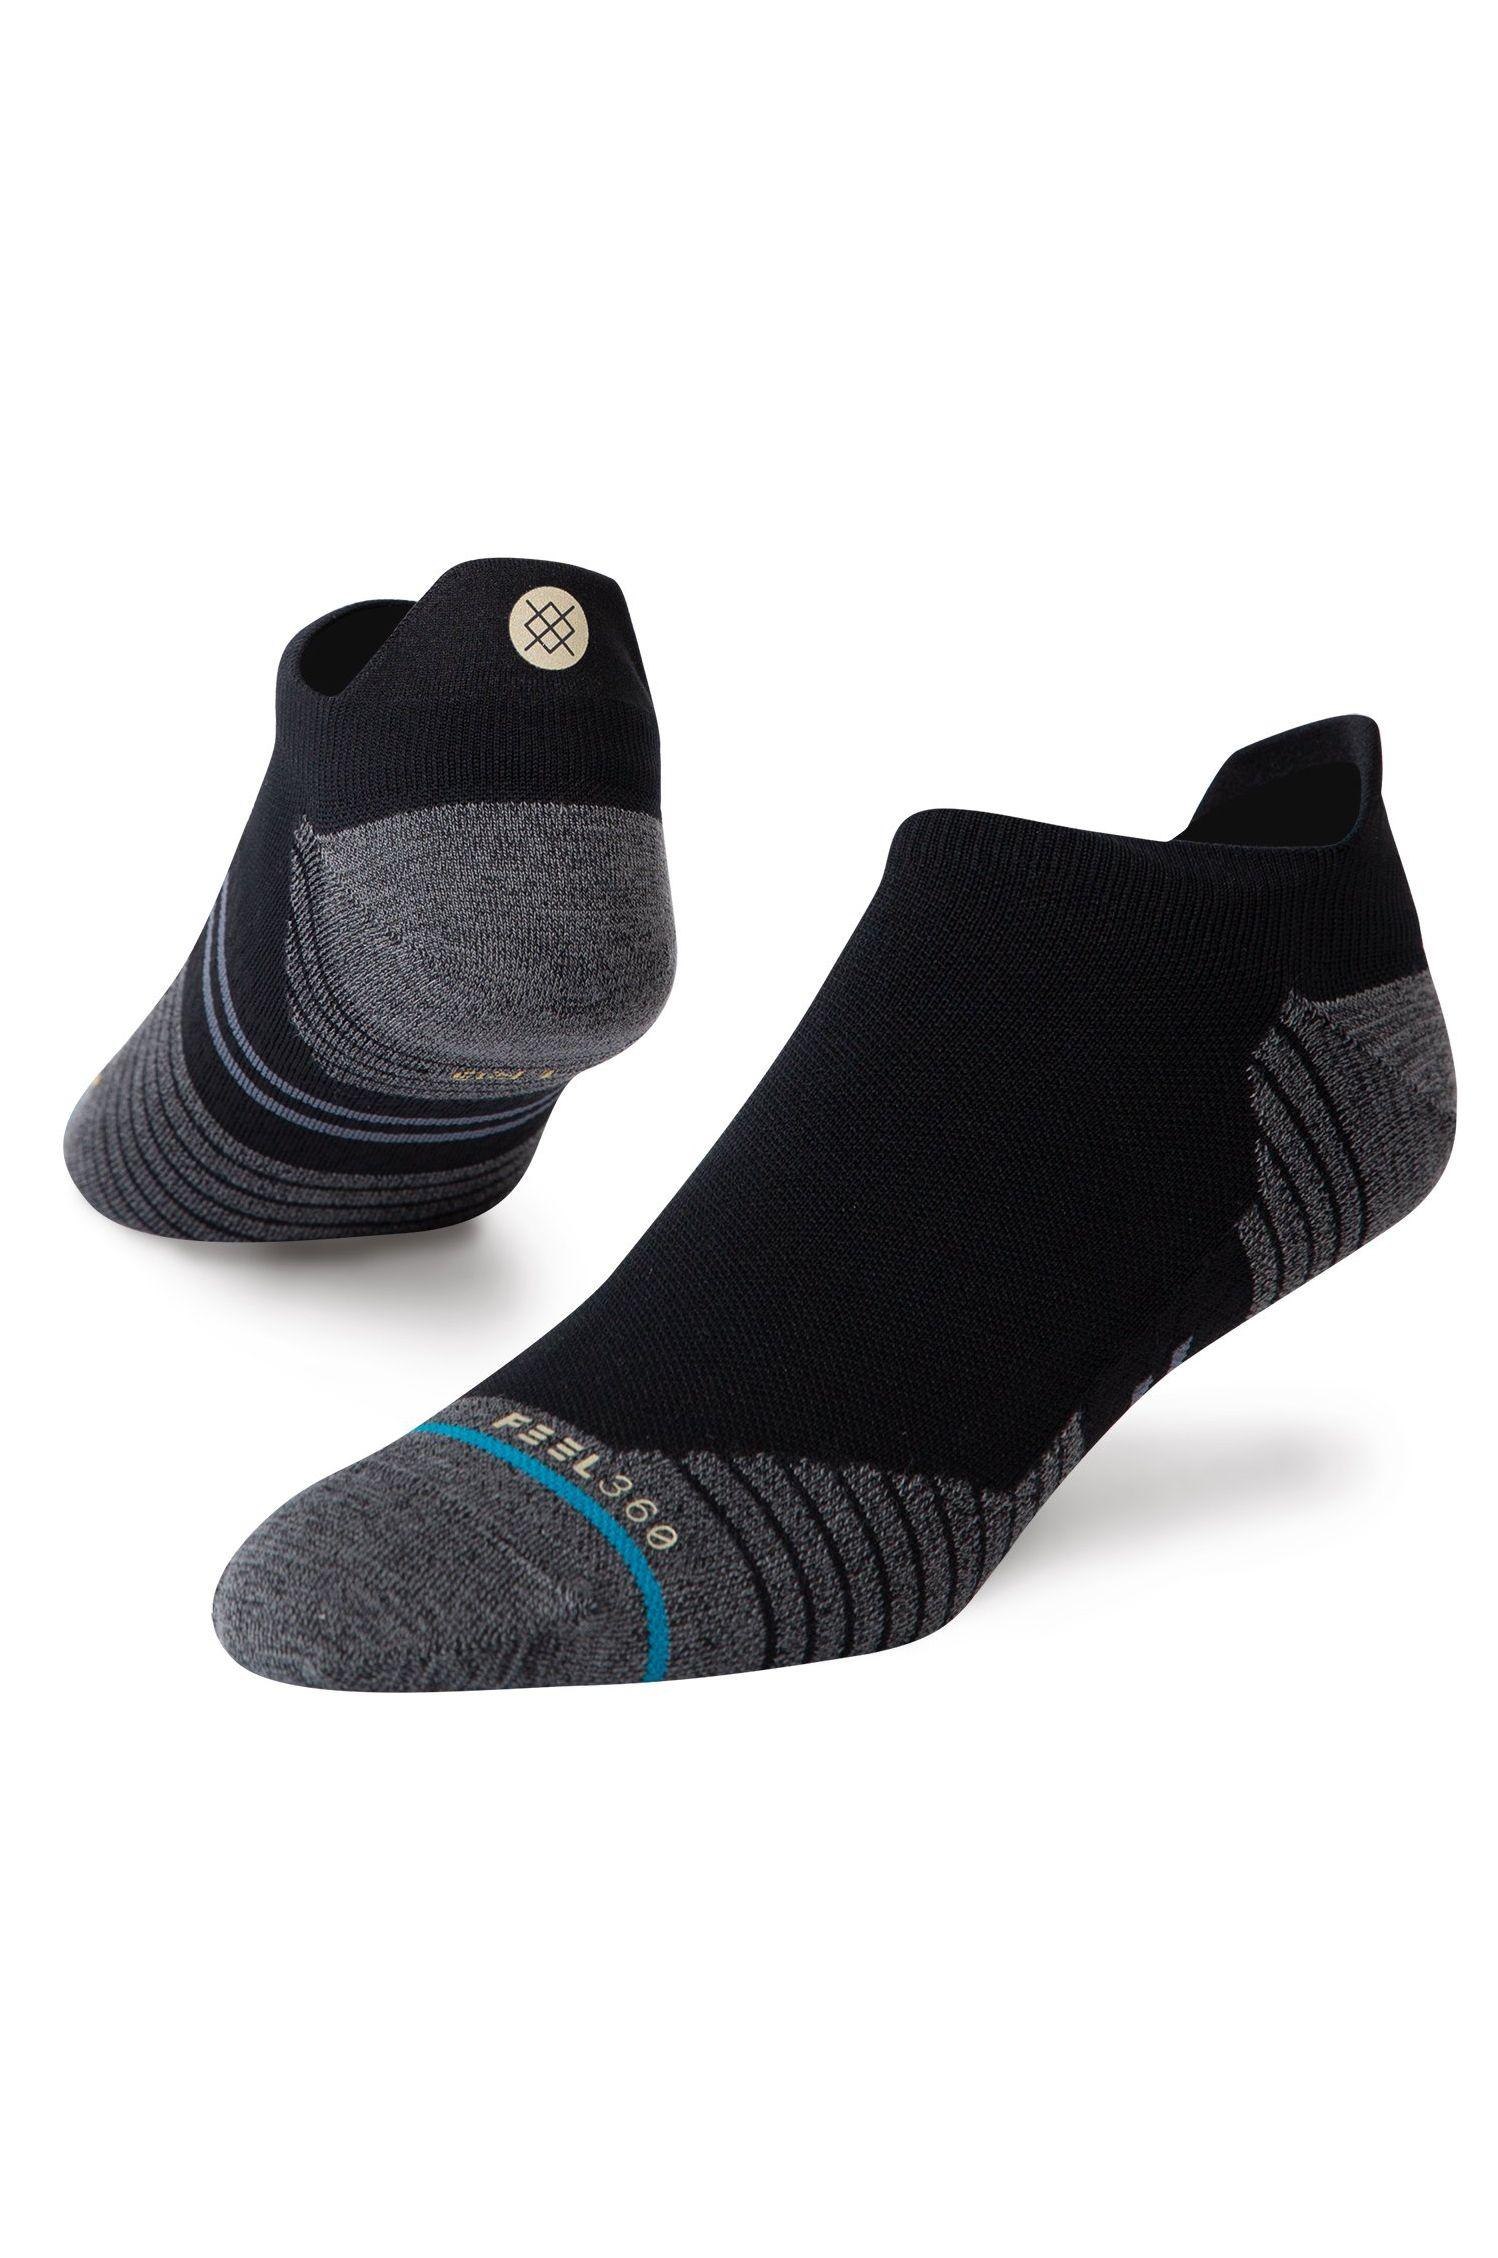 Stance Socks RUN LIGHT TAB ST Black